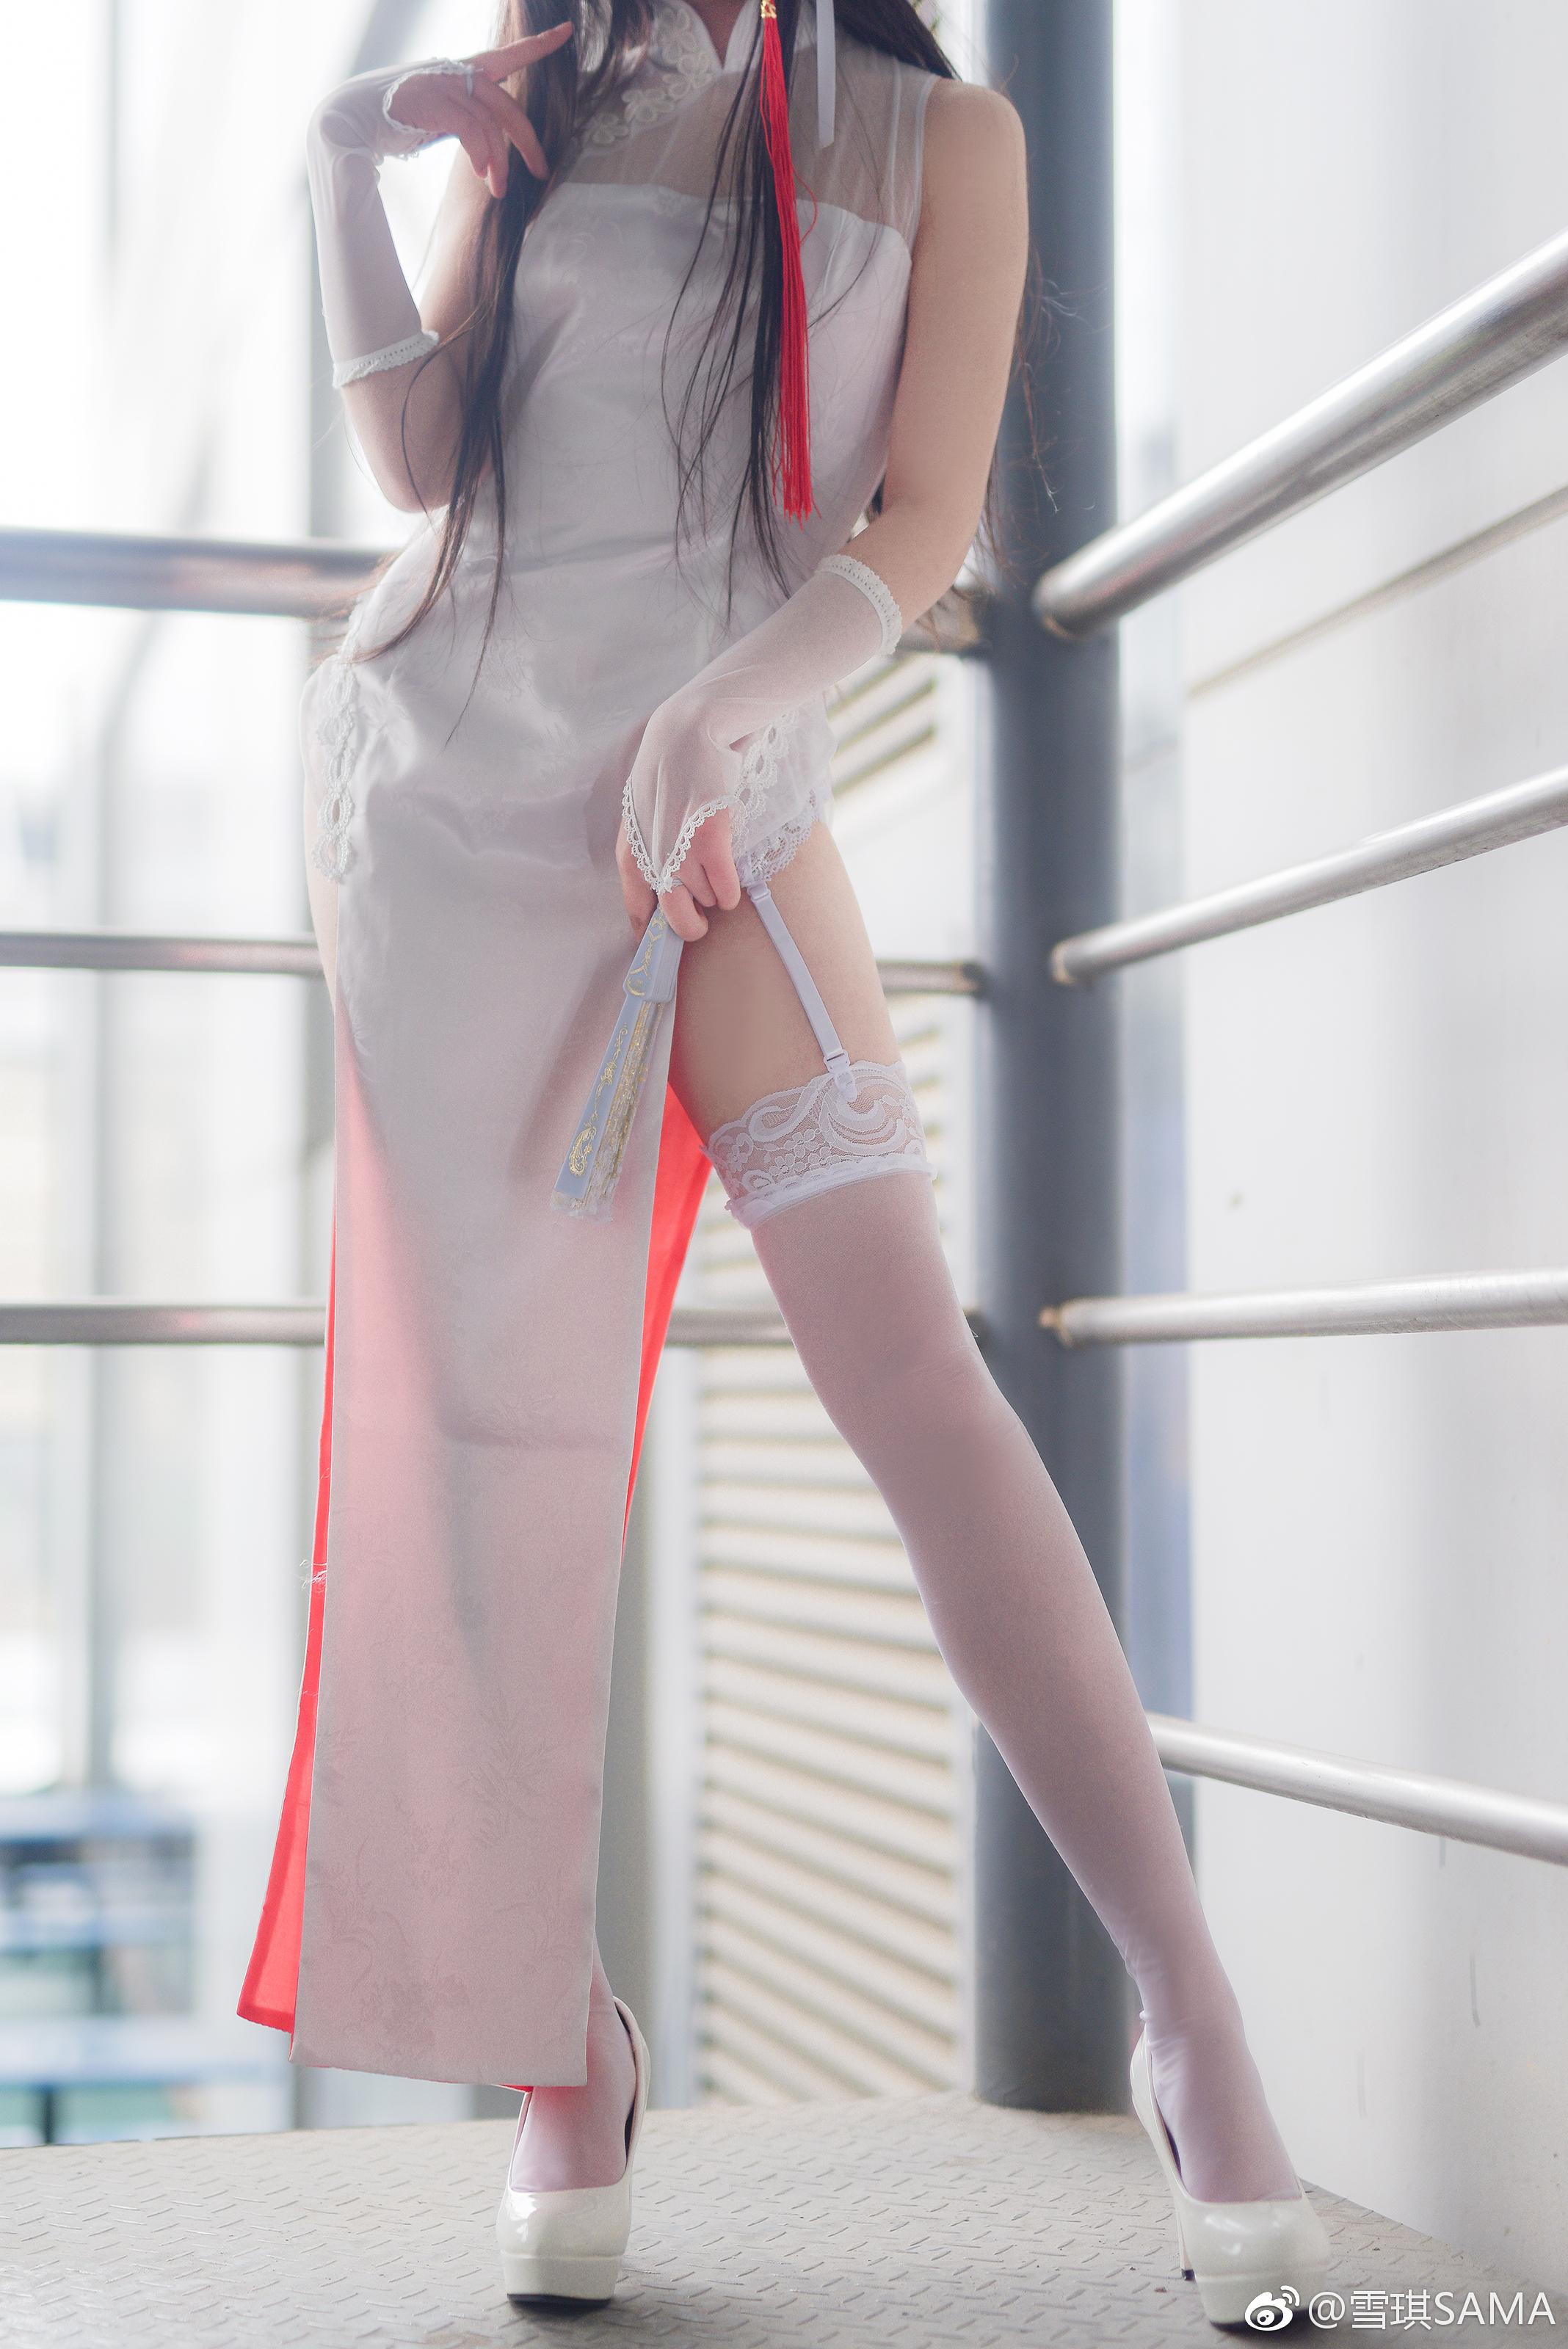 二次元腿控福利:雪琪SAMA的旗袍白丝吊带袜 美女写真-第3张